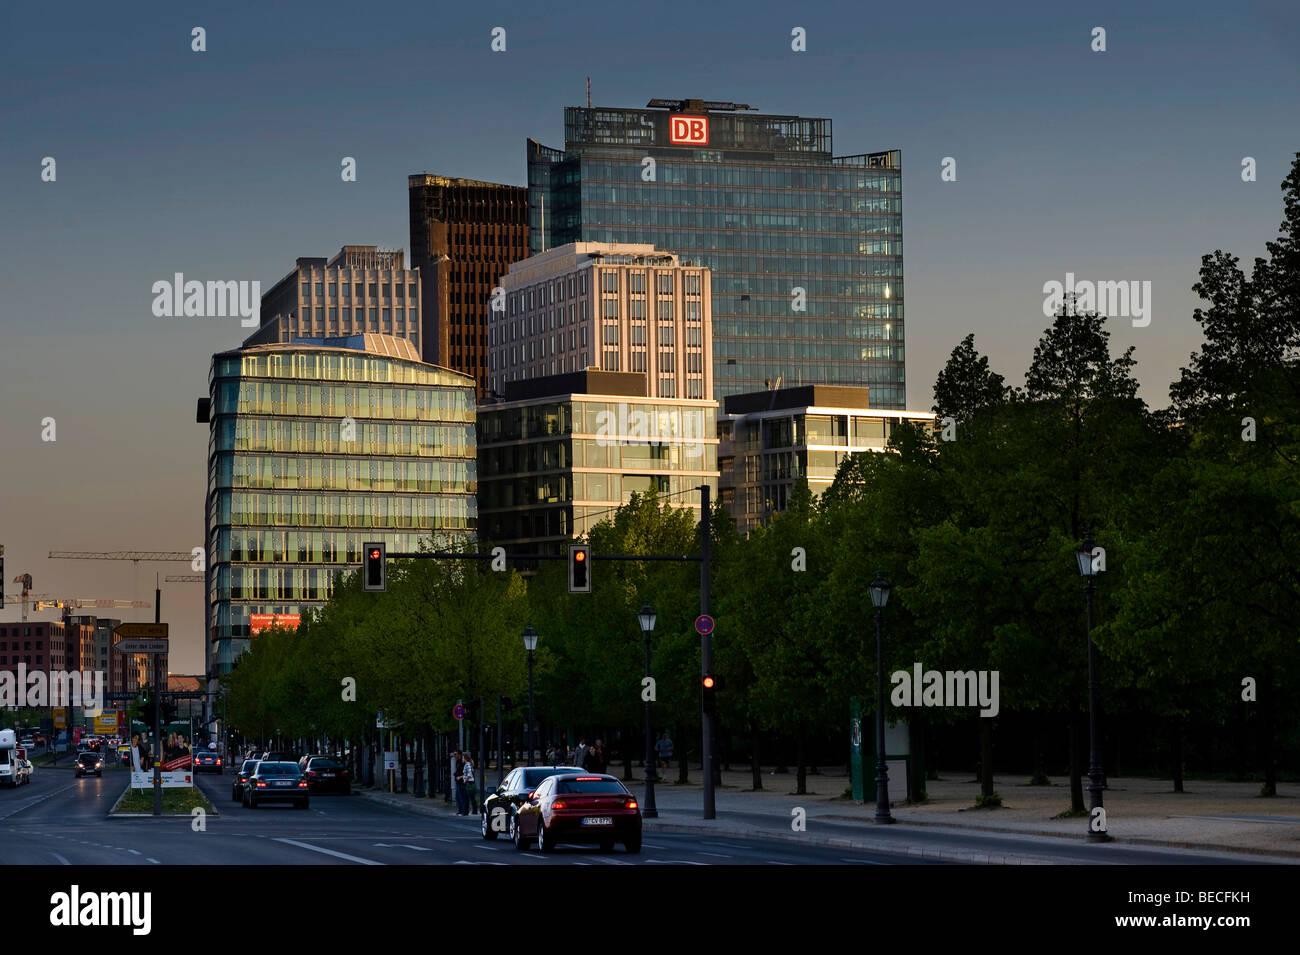 Hochhäuser am Potsdamer Platz, Potsdamer Platz, Berlin, Deutschland, Europa Stockbild